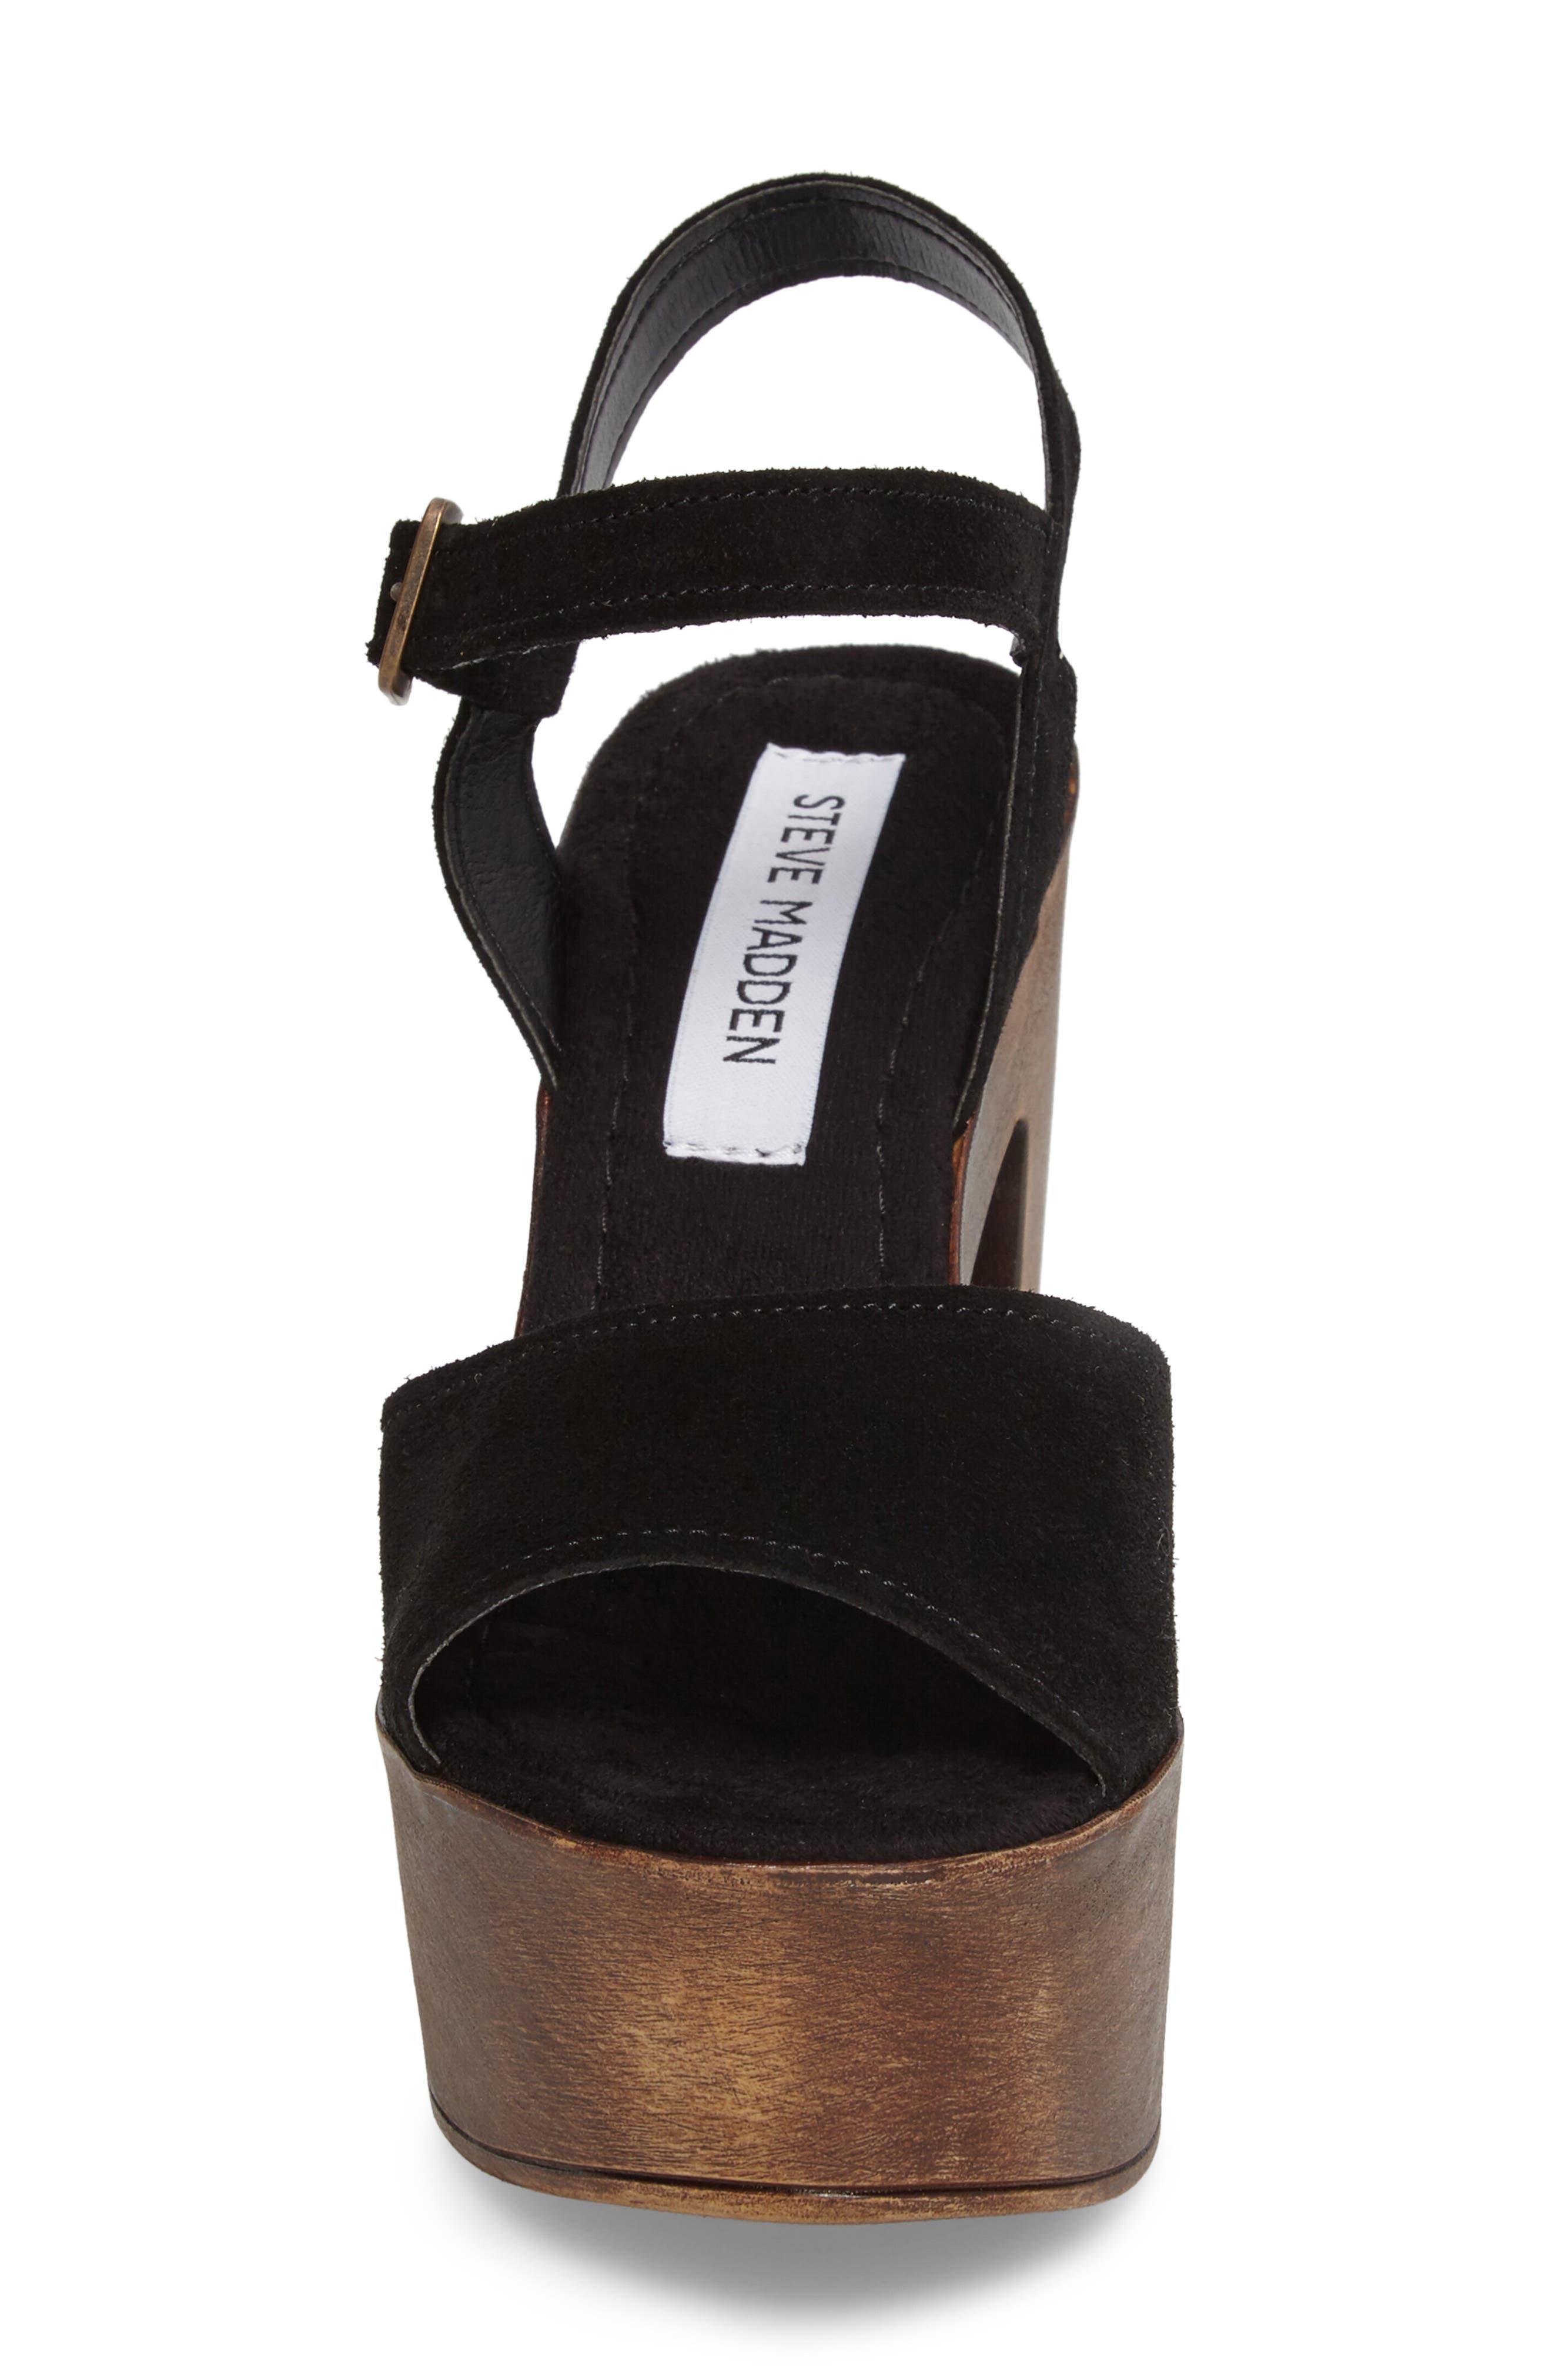 Lulla Platform Sandal,                             Alternate thumbnail 4, color,                             Black Suede